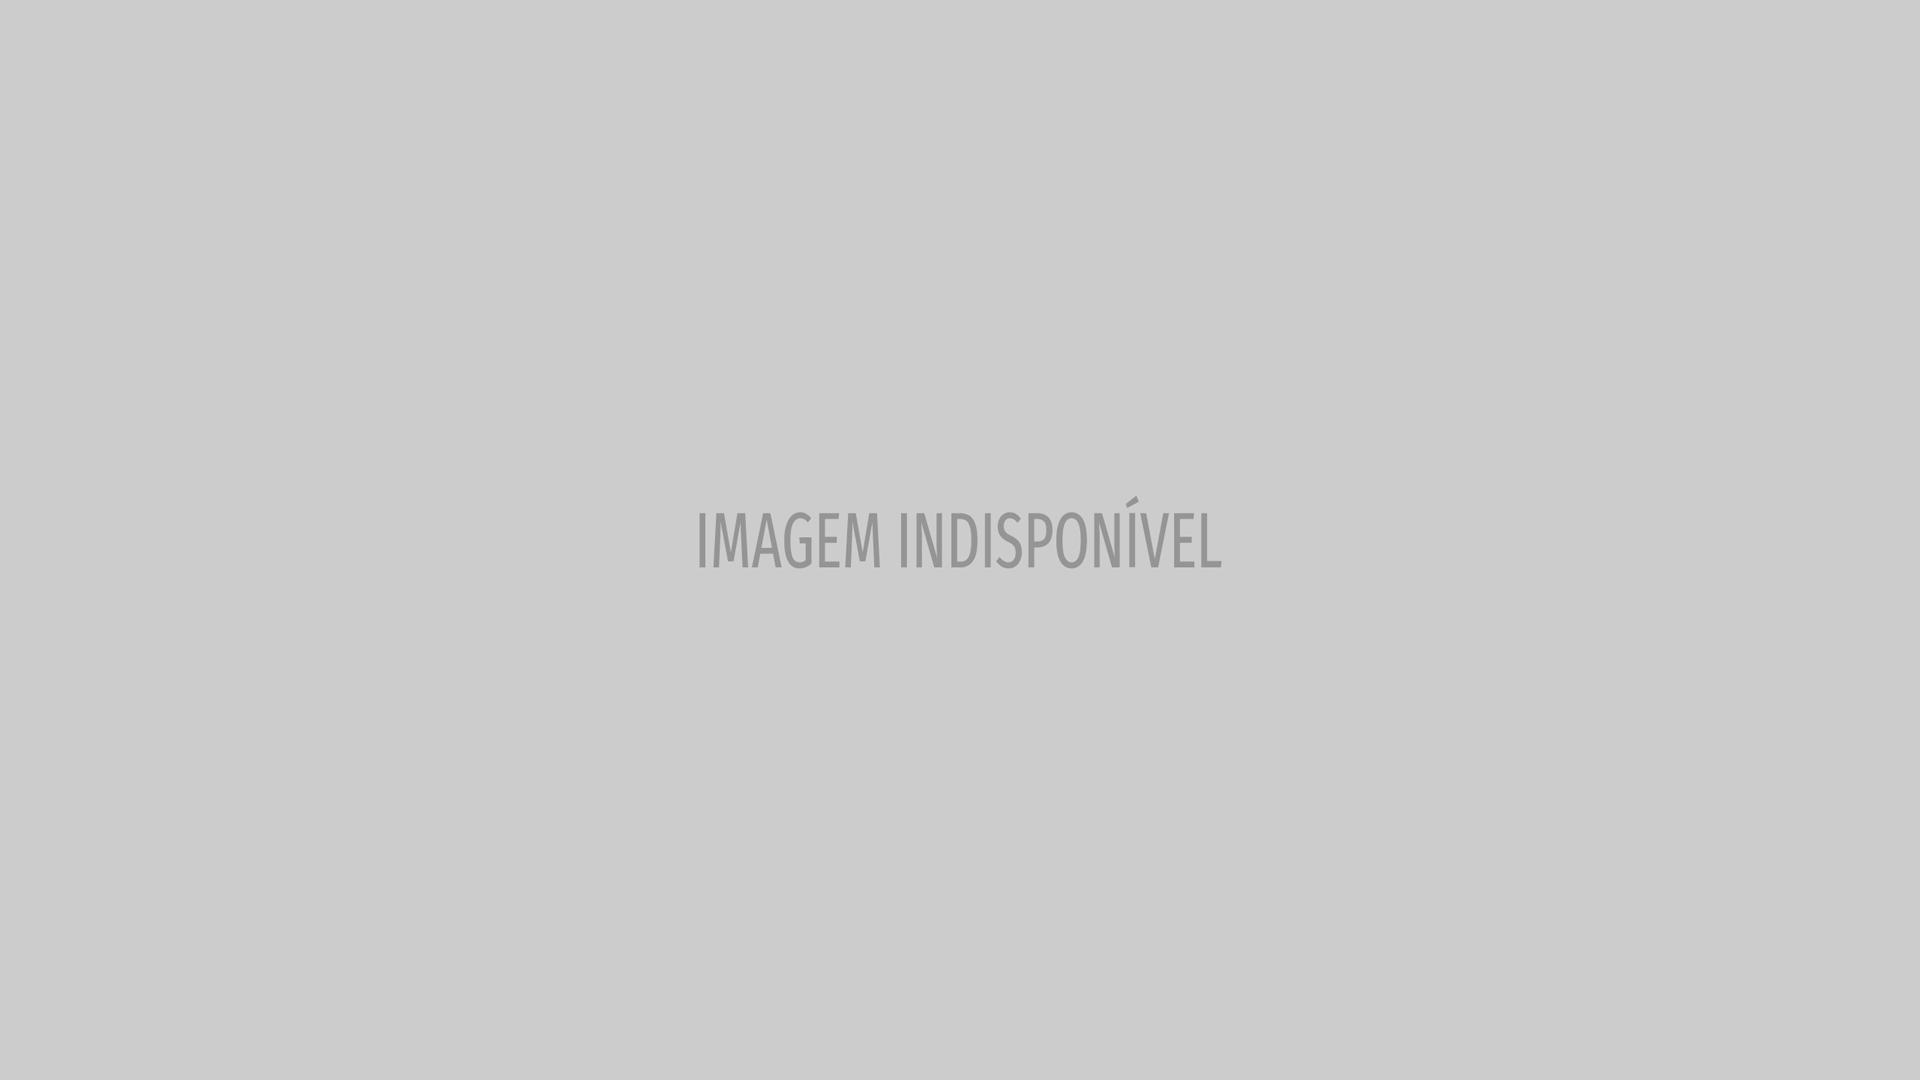 Sofia Arruda casa-se com David Amaro em romântica cerimónia